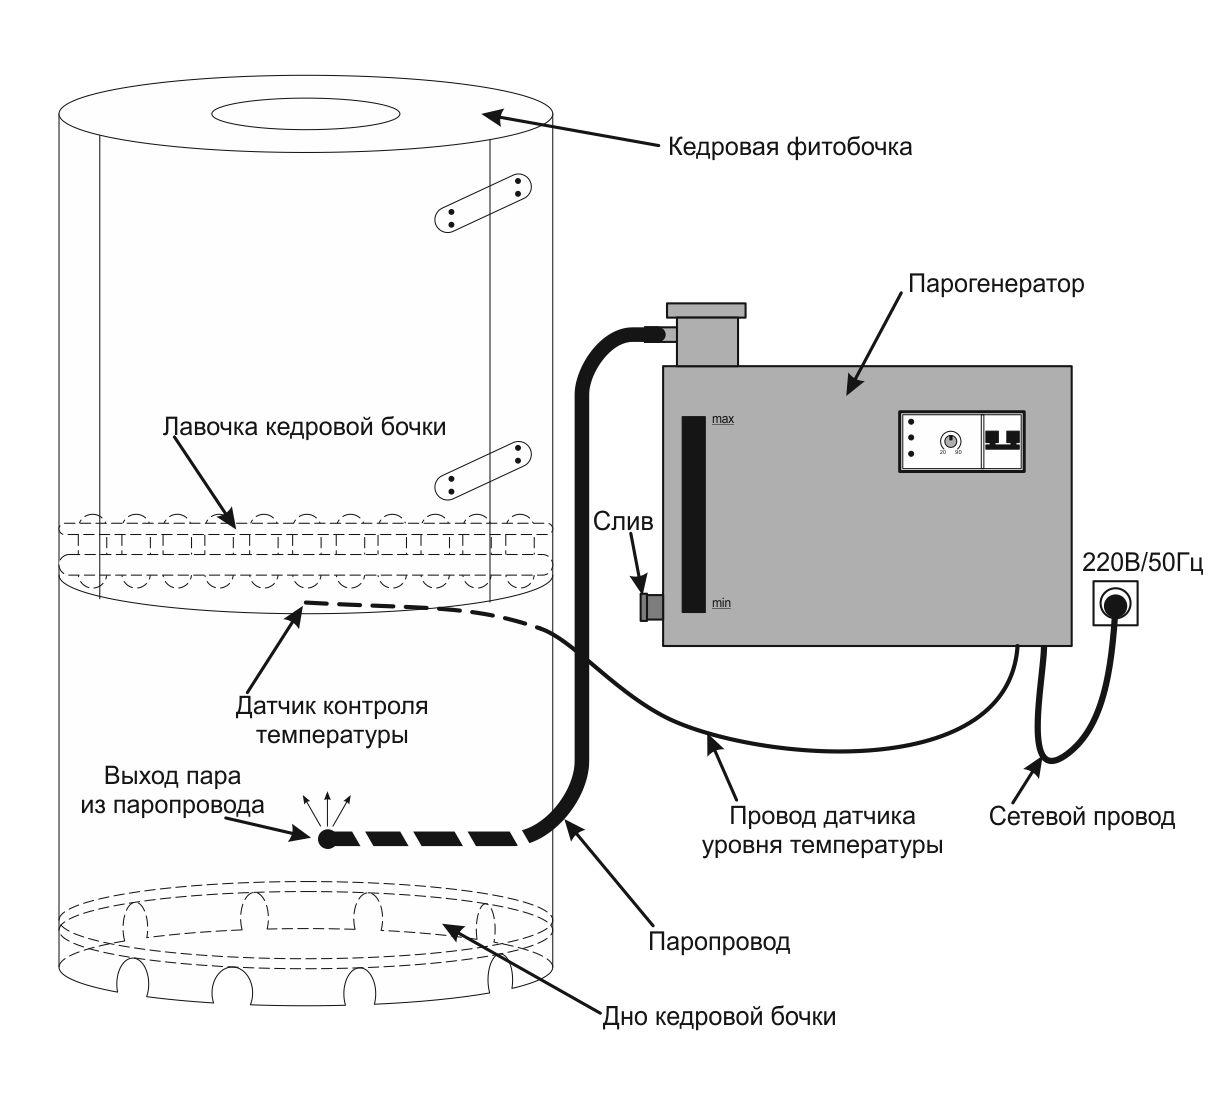 парогенератор 1.6 КВт Россия схема установки